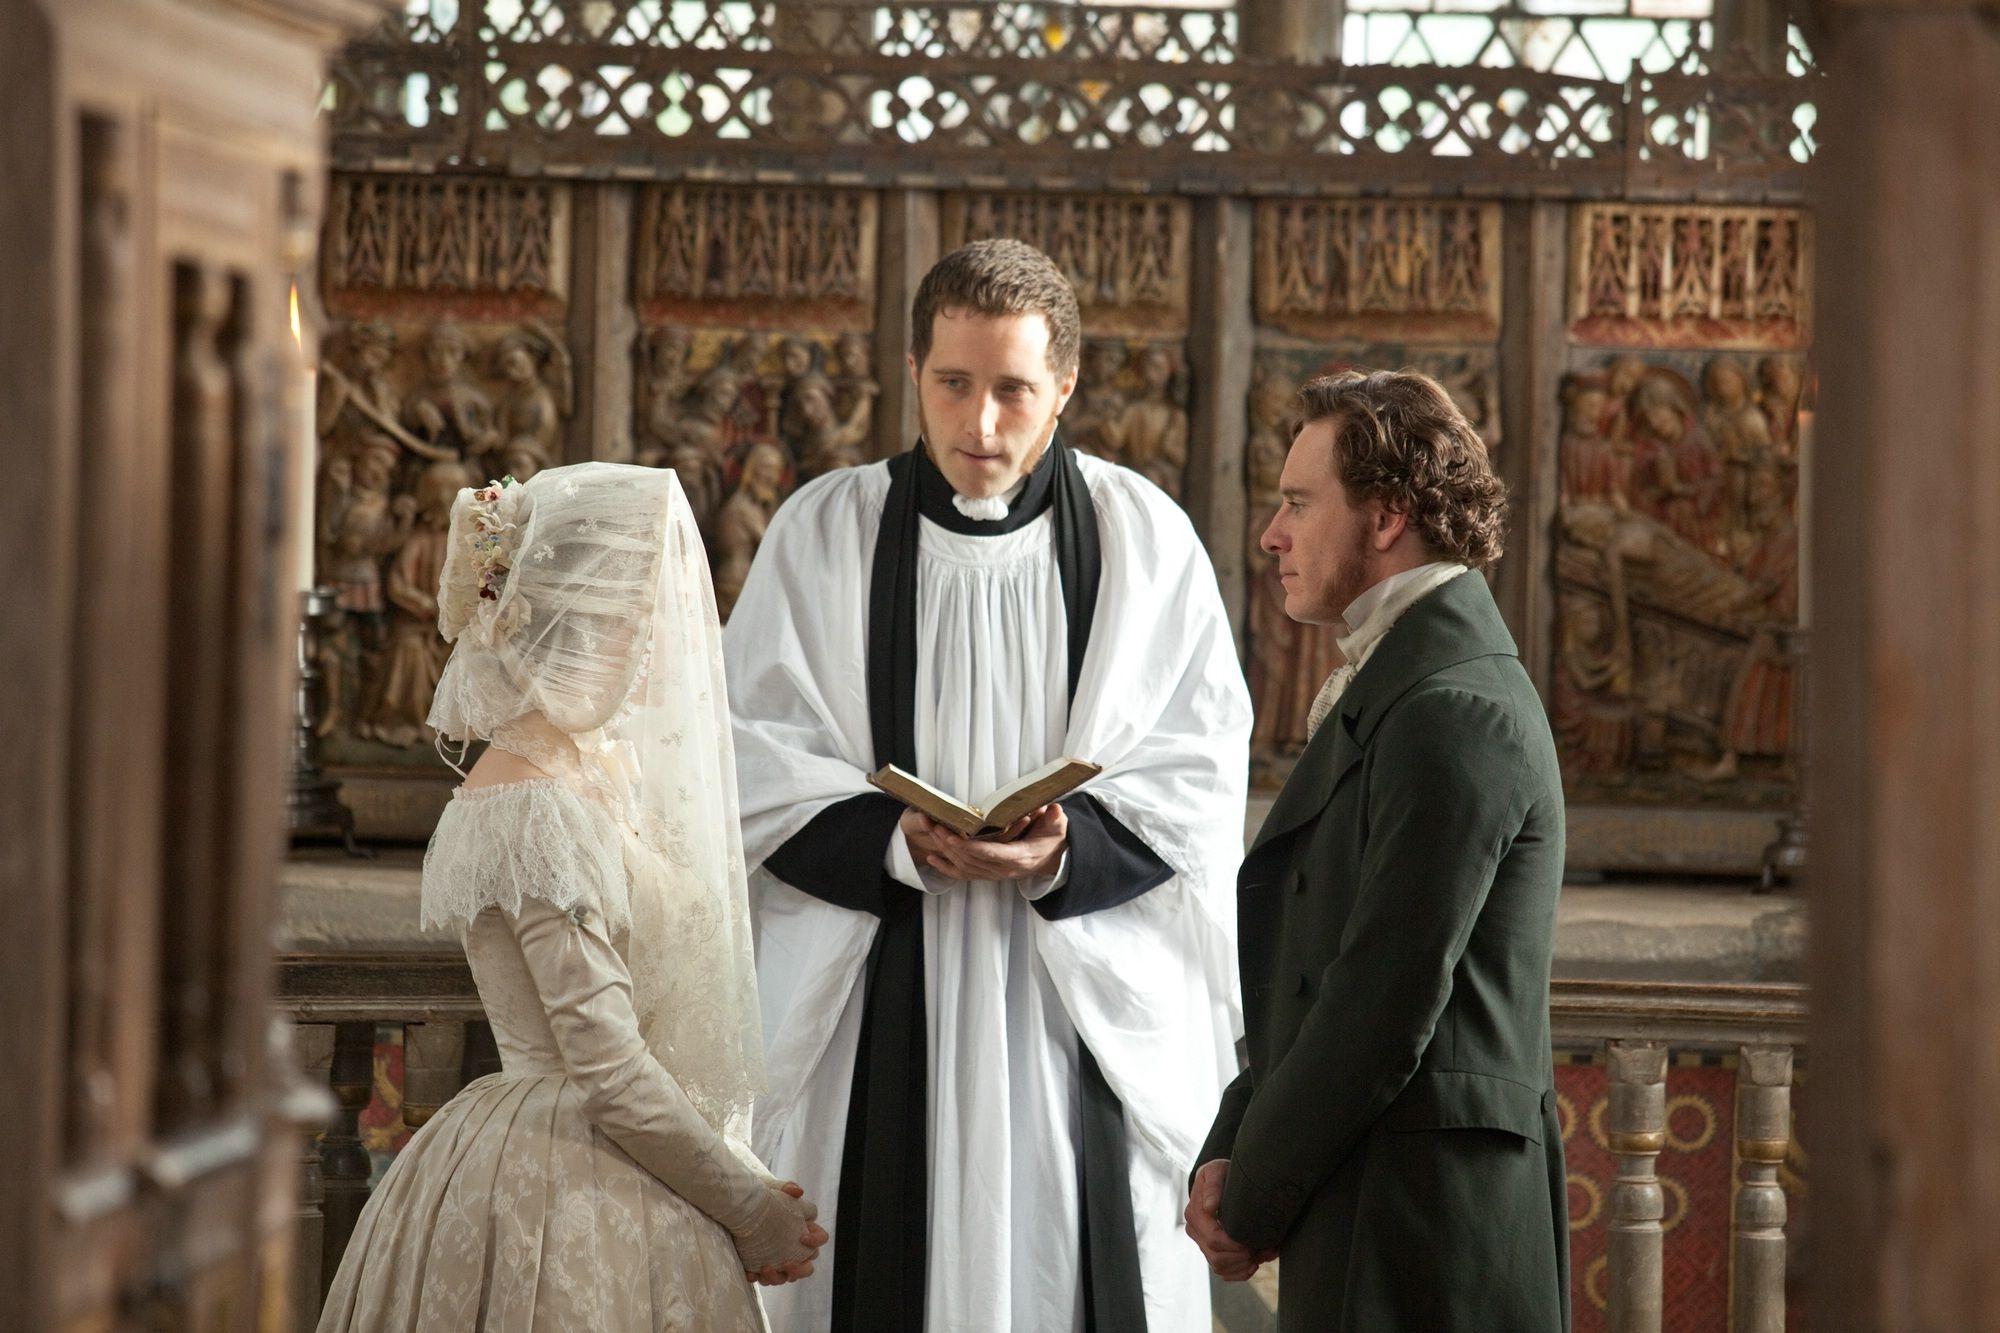 007 Michael Fassbender & Mia Wasikowska in Jane Eyre (2011